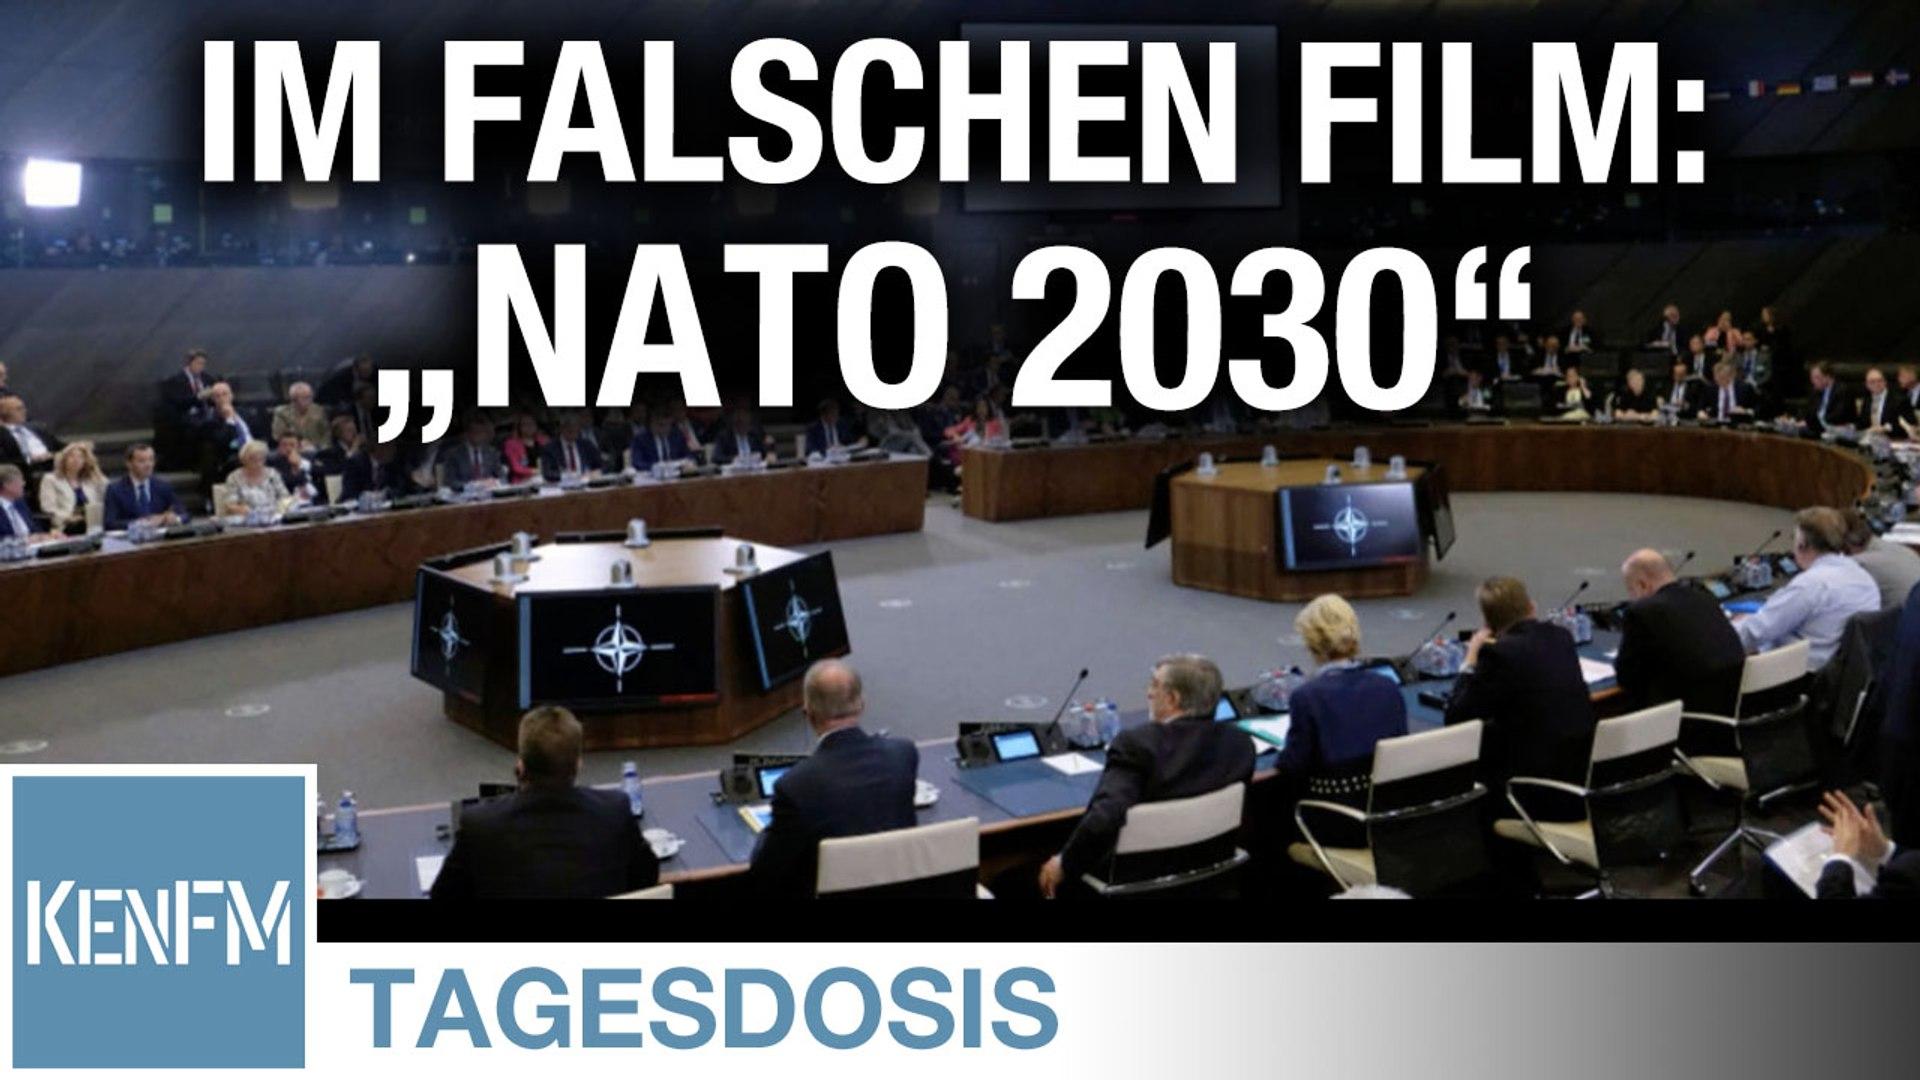 """Im falschen Film: """"NATO 2030"""" – Tagesdosis 26.6.2020"""